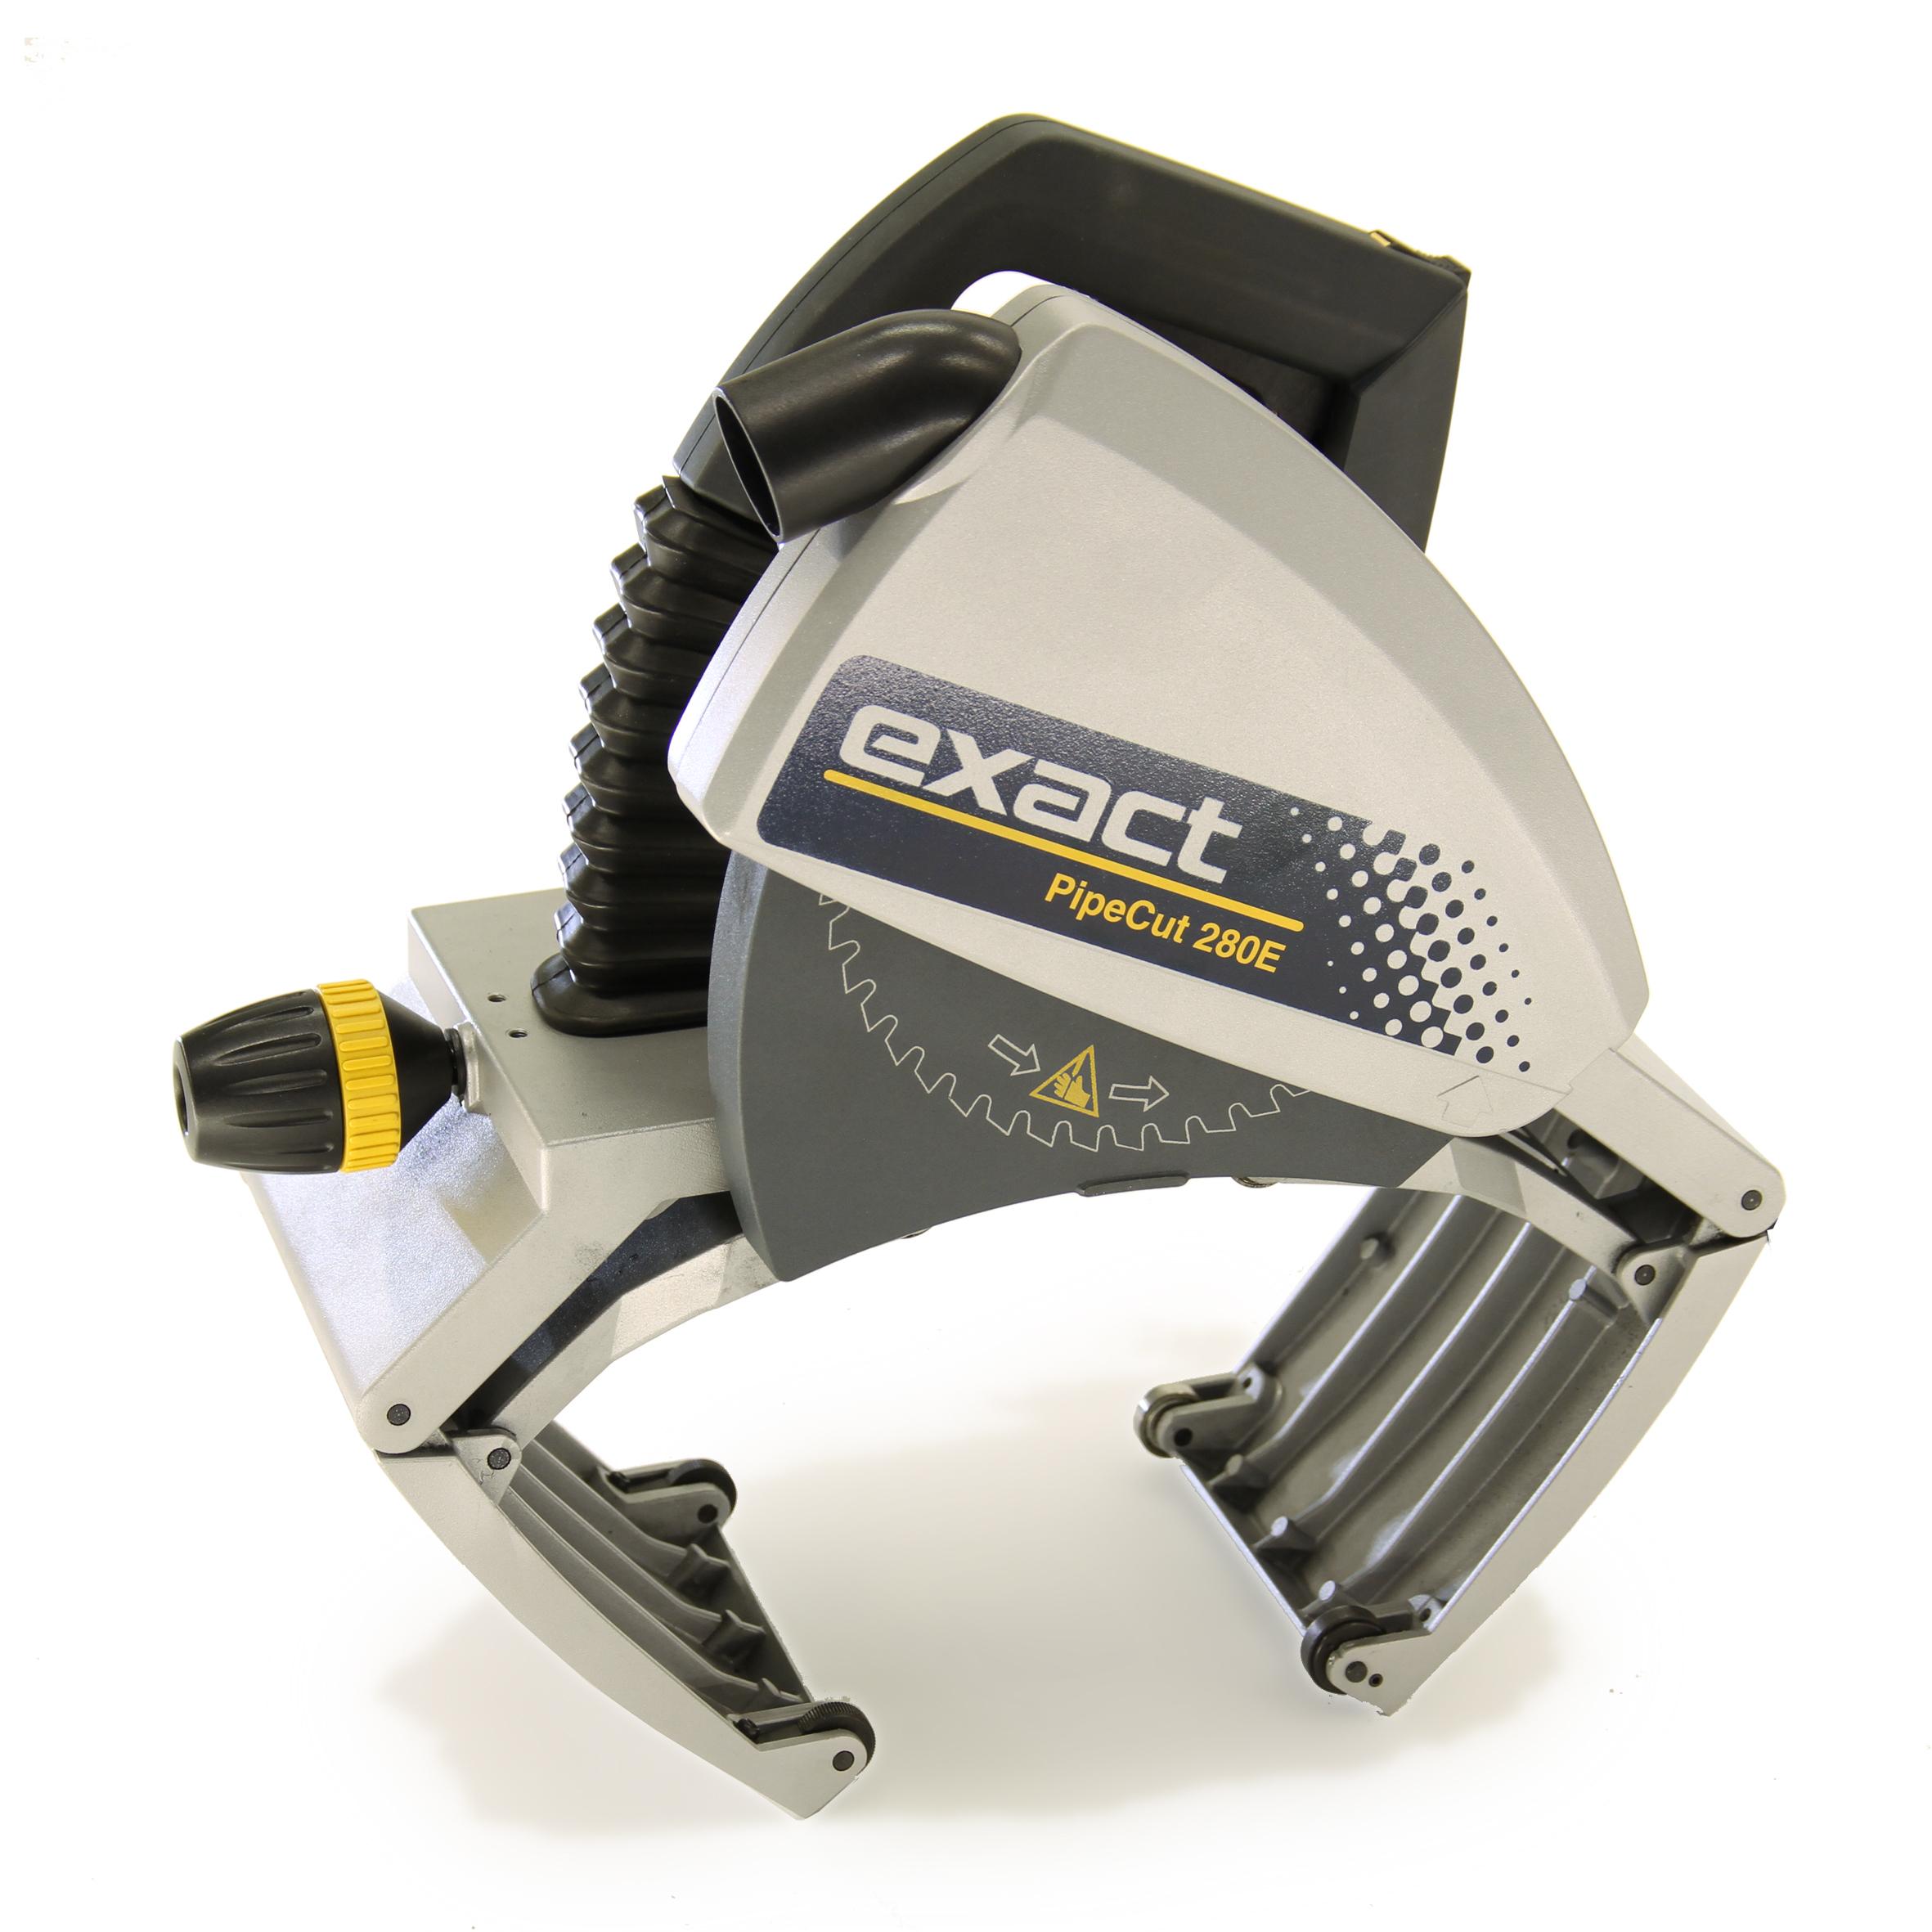 Máy cắt ống Exact PipeCut 280E